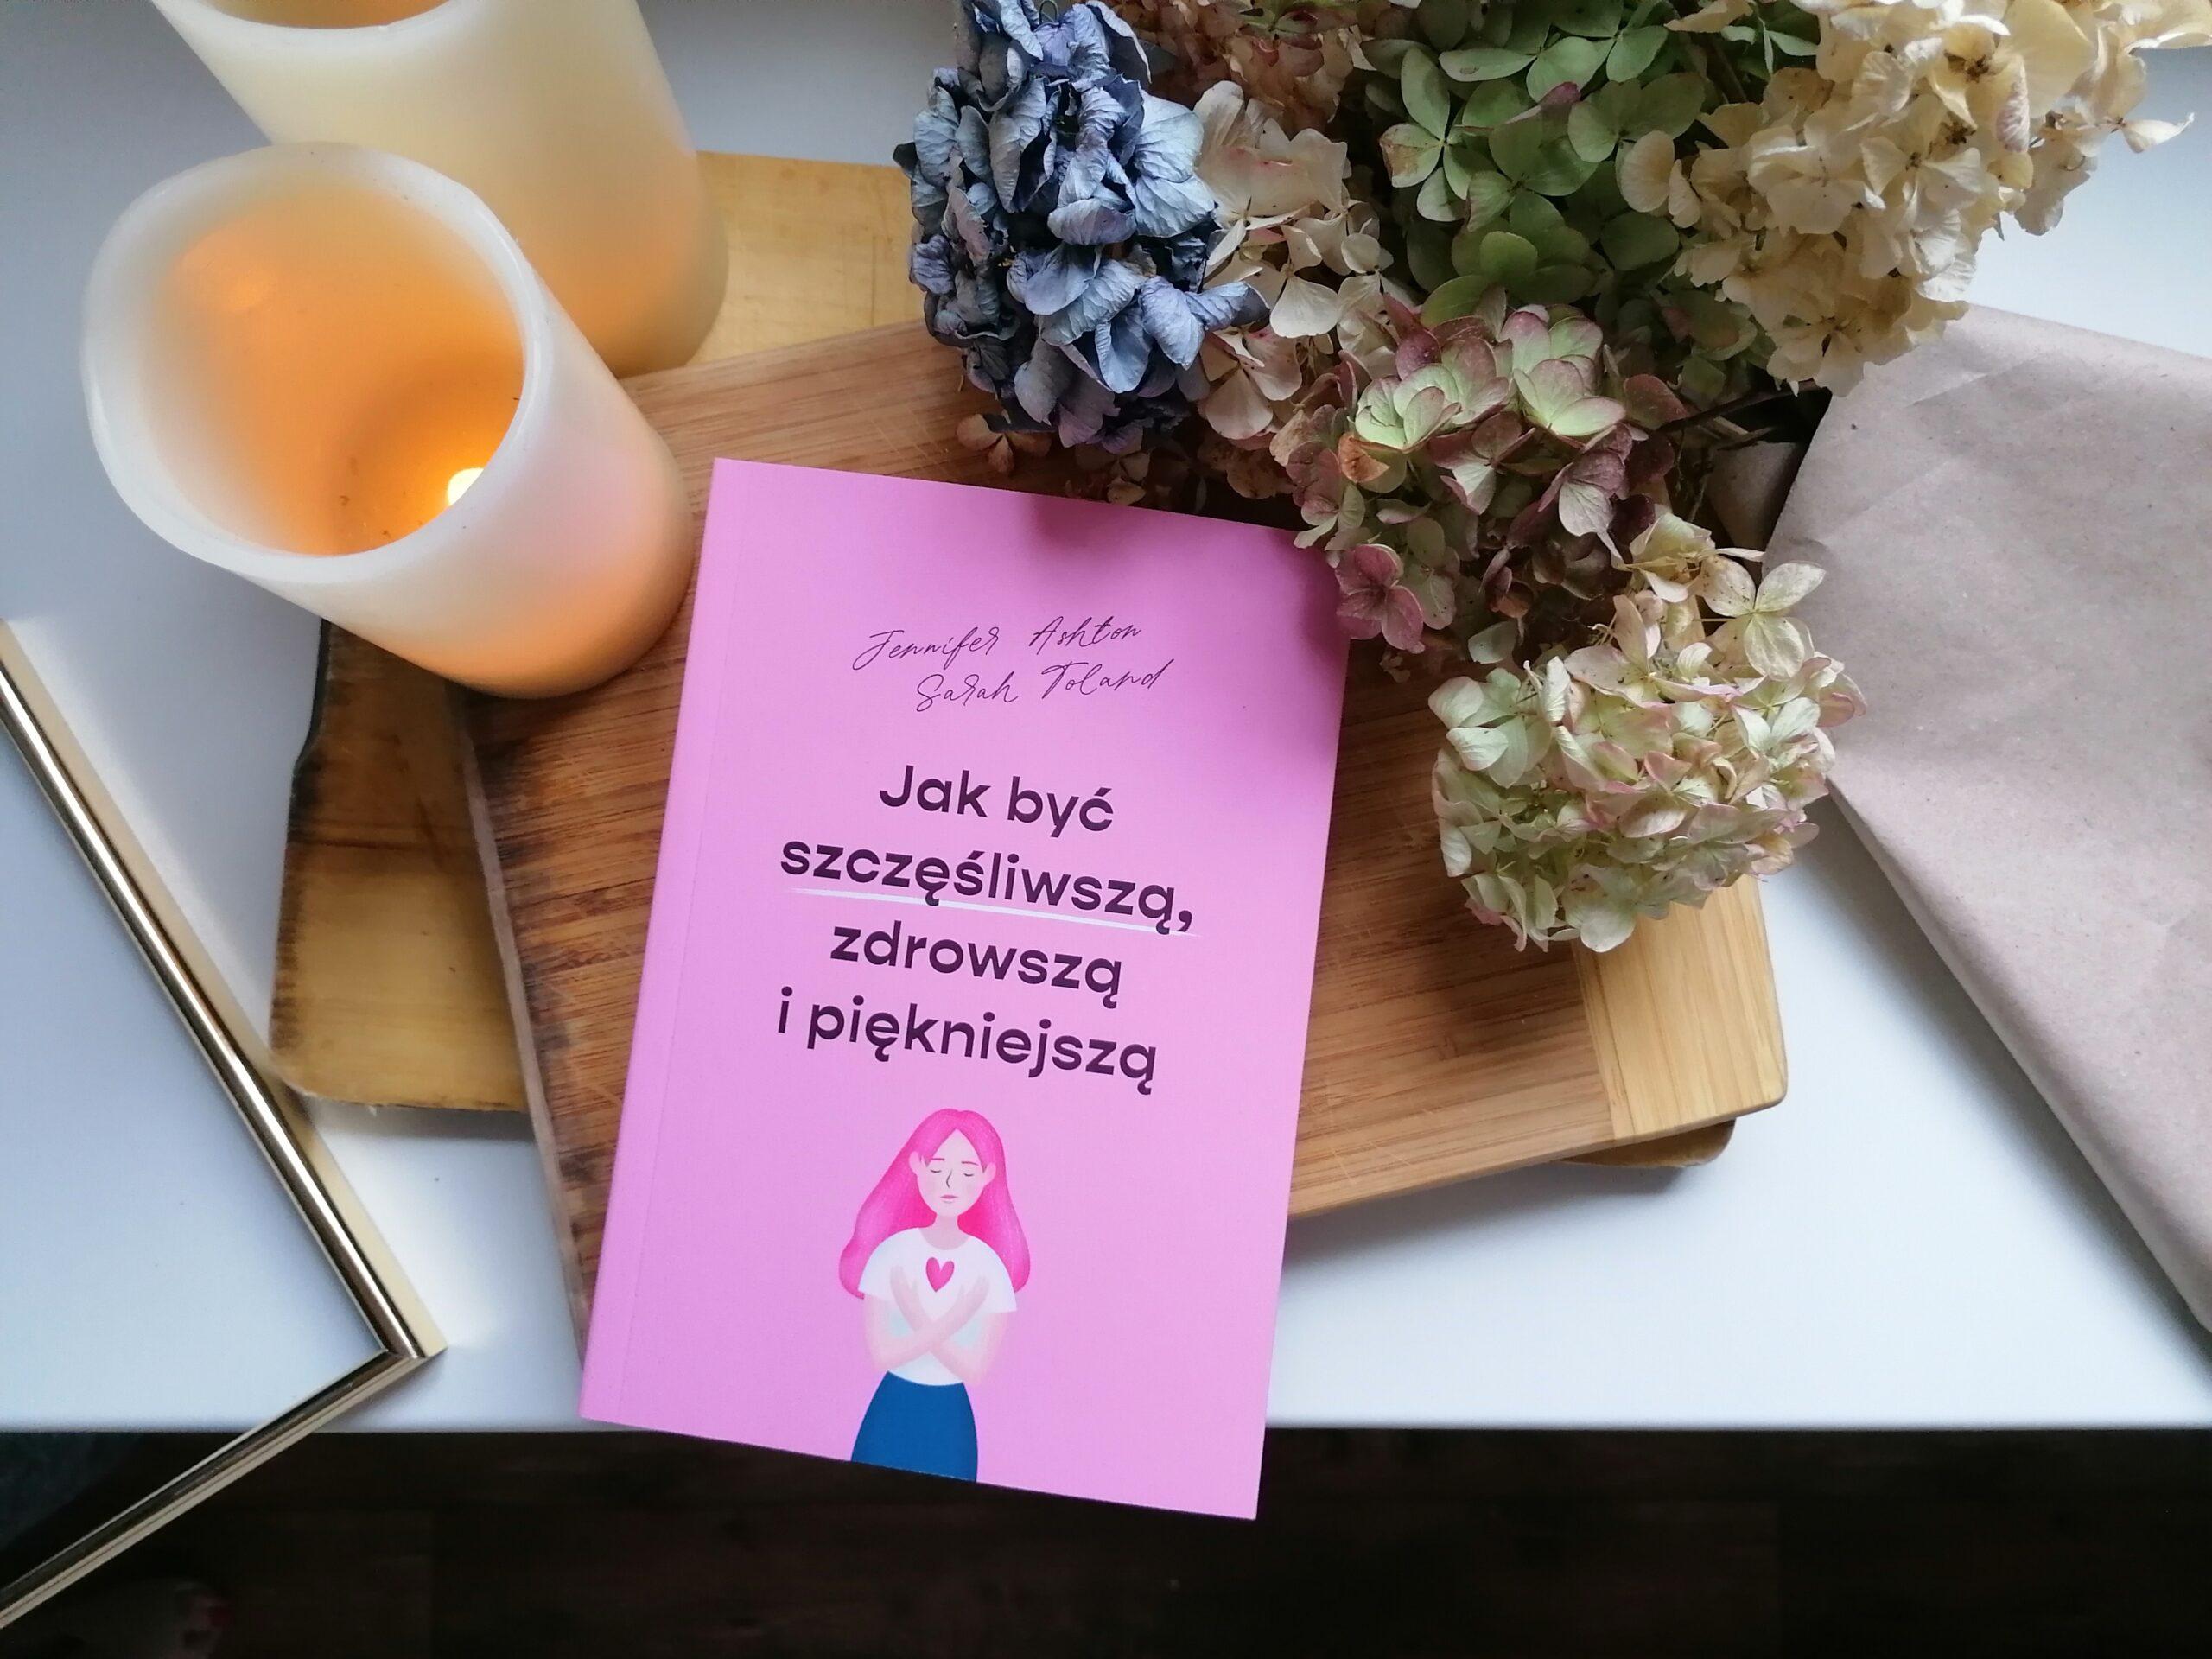 Recenzja: Jak być szczęśliwszą, zdrowszą i piękniejszą - Jennifer Ashton, Sarah Toland